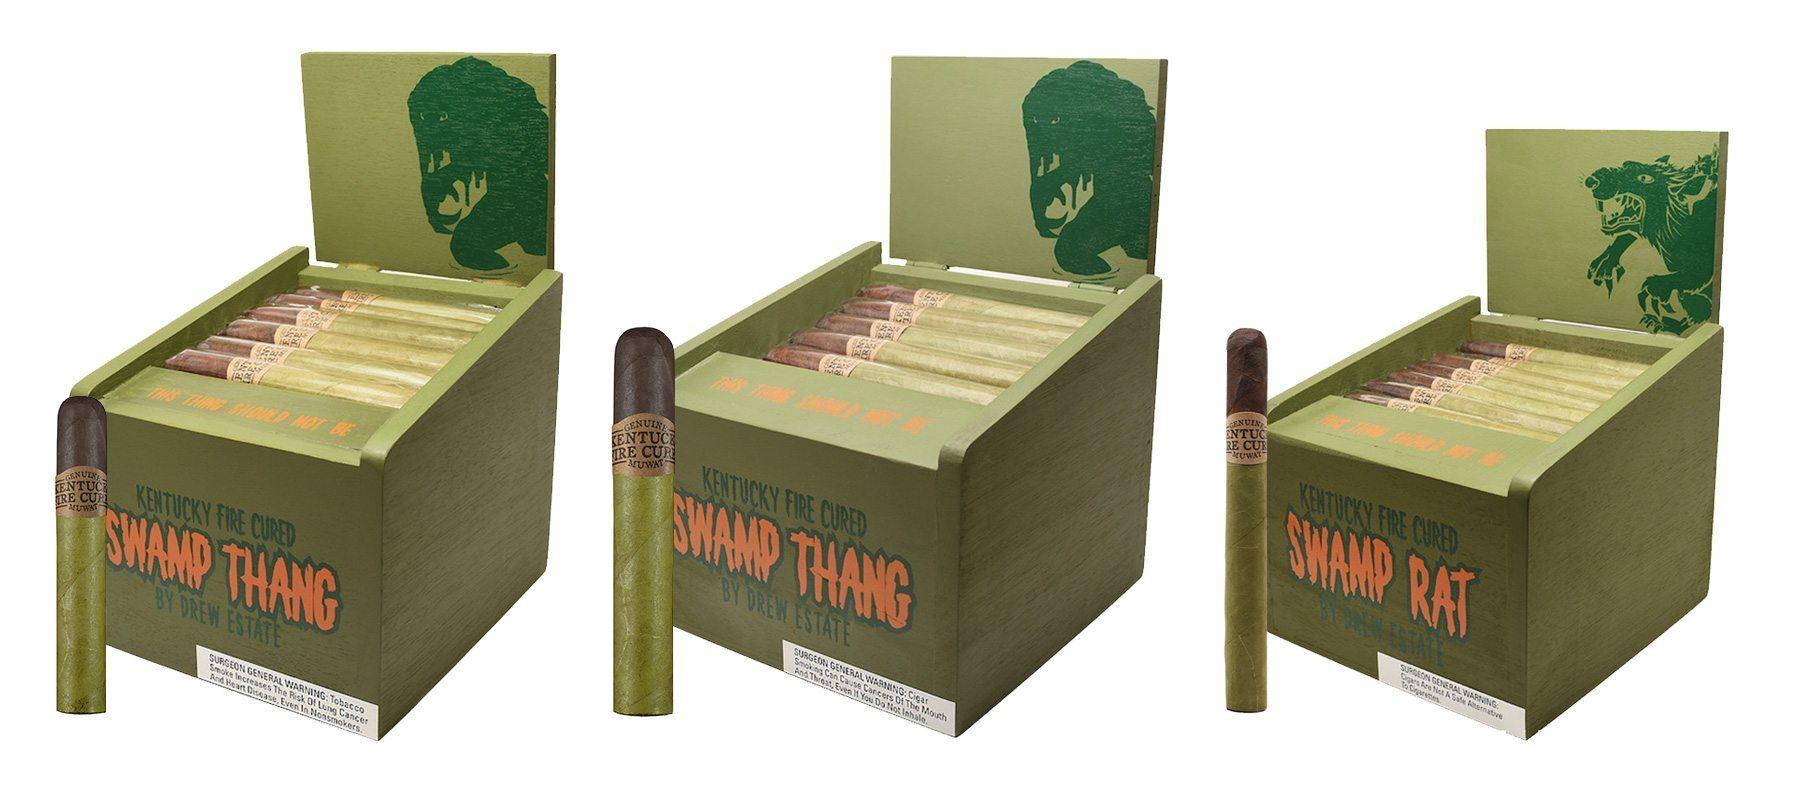 Cigar News: Drew Estate Ships Kentucky Fire Cured Swamp Thang & Swamp Rat